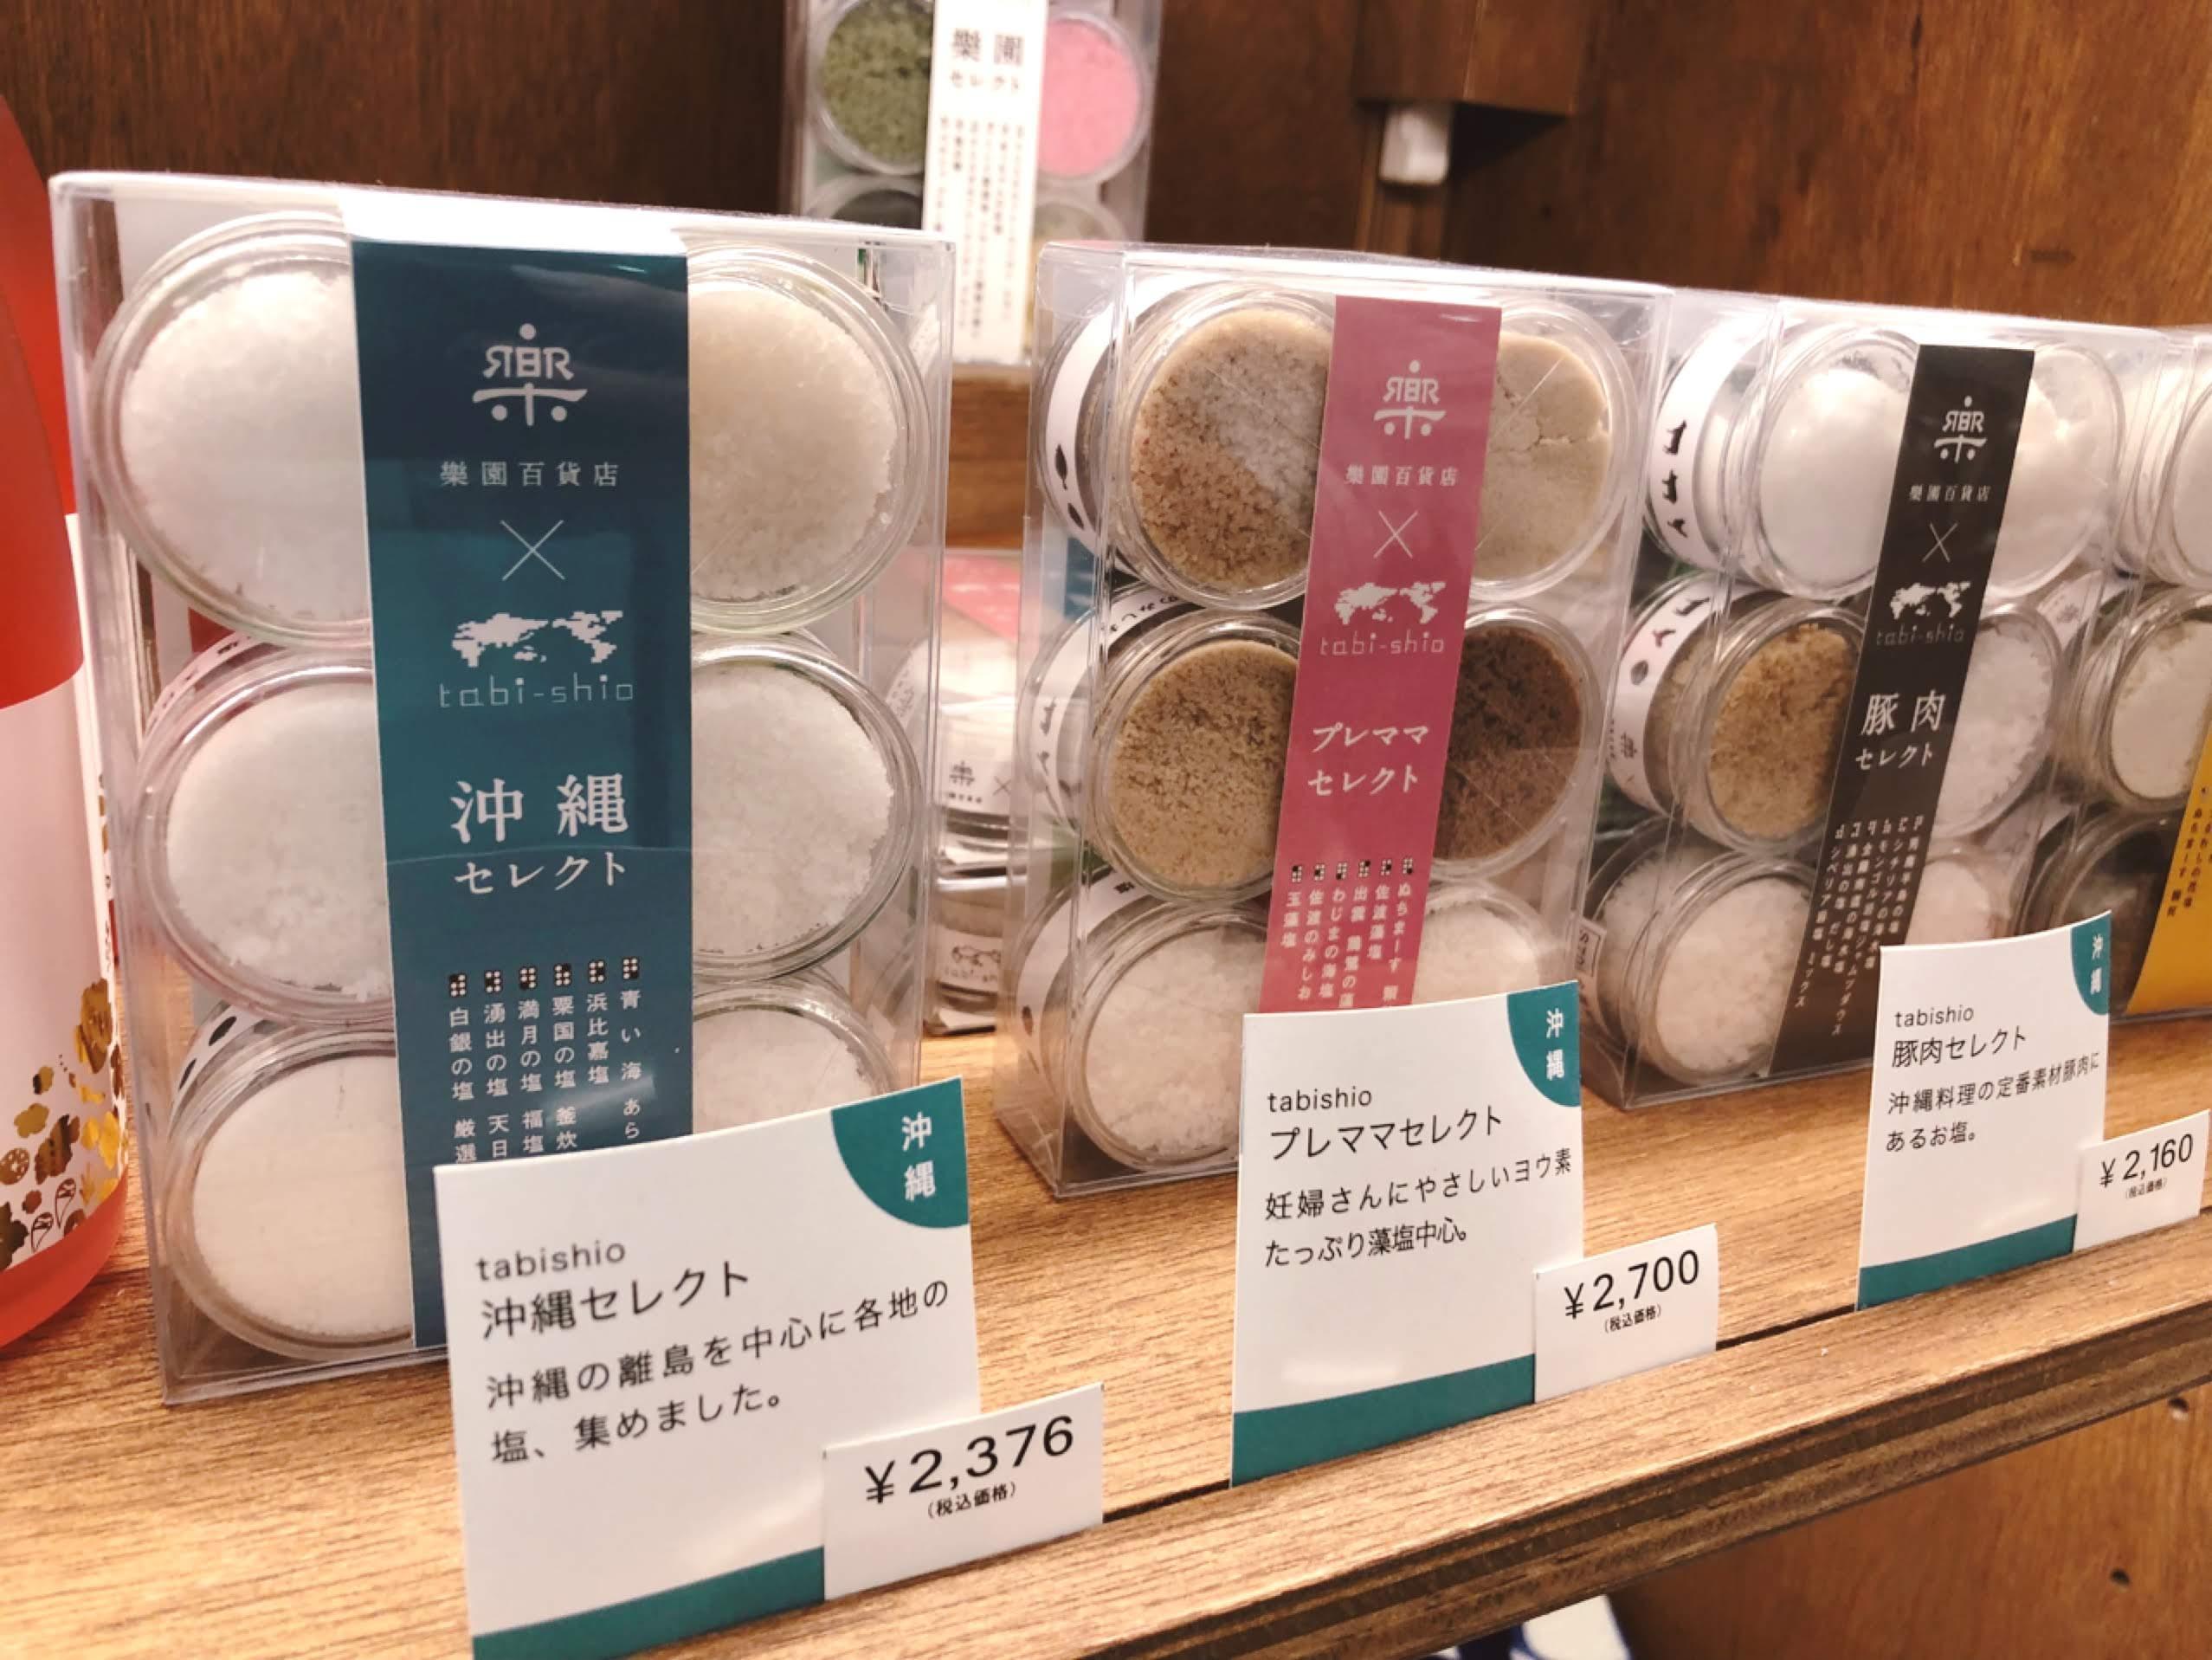 世界中の塩を集めているソルトコーディネーター青山志穂さん監修のソルトキット